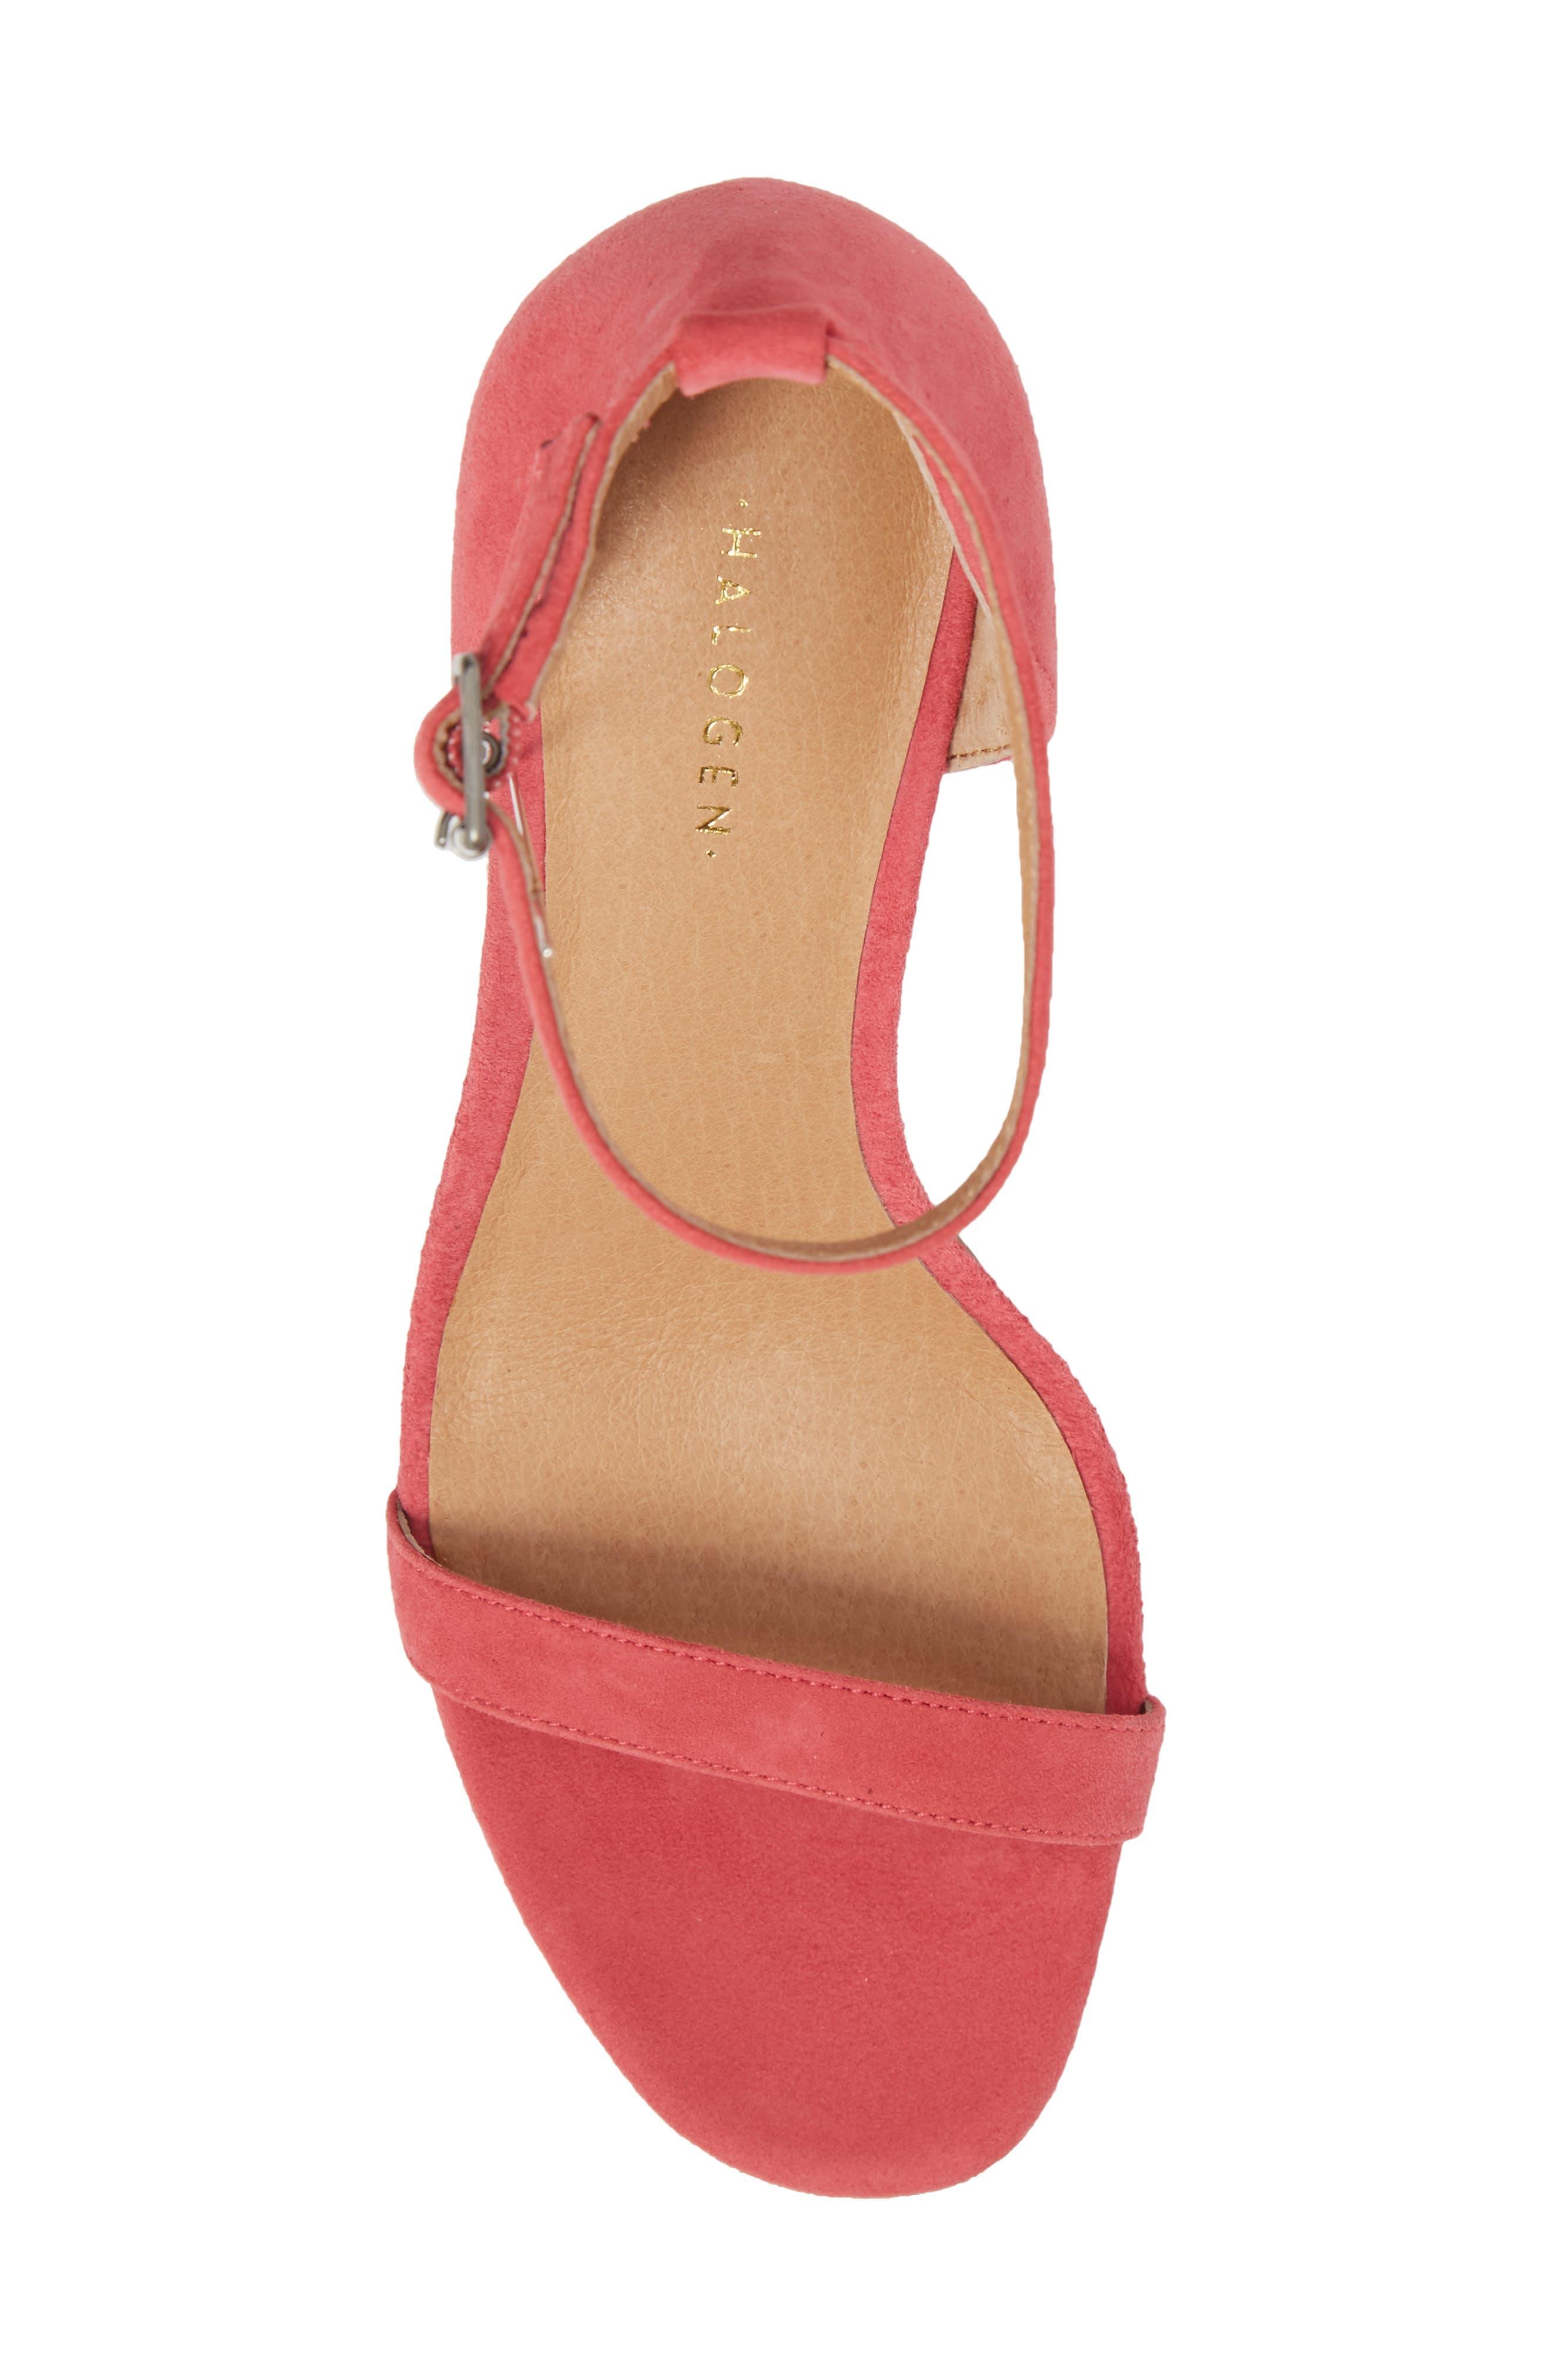 Audrey Ankle Strap Sandal,                             Alternate thumbnail 98, color,